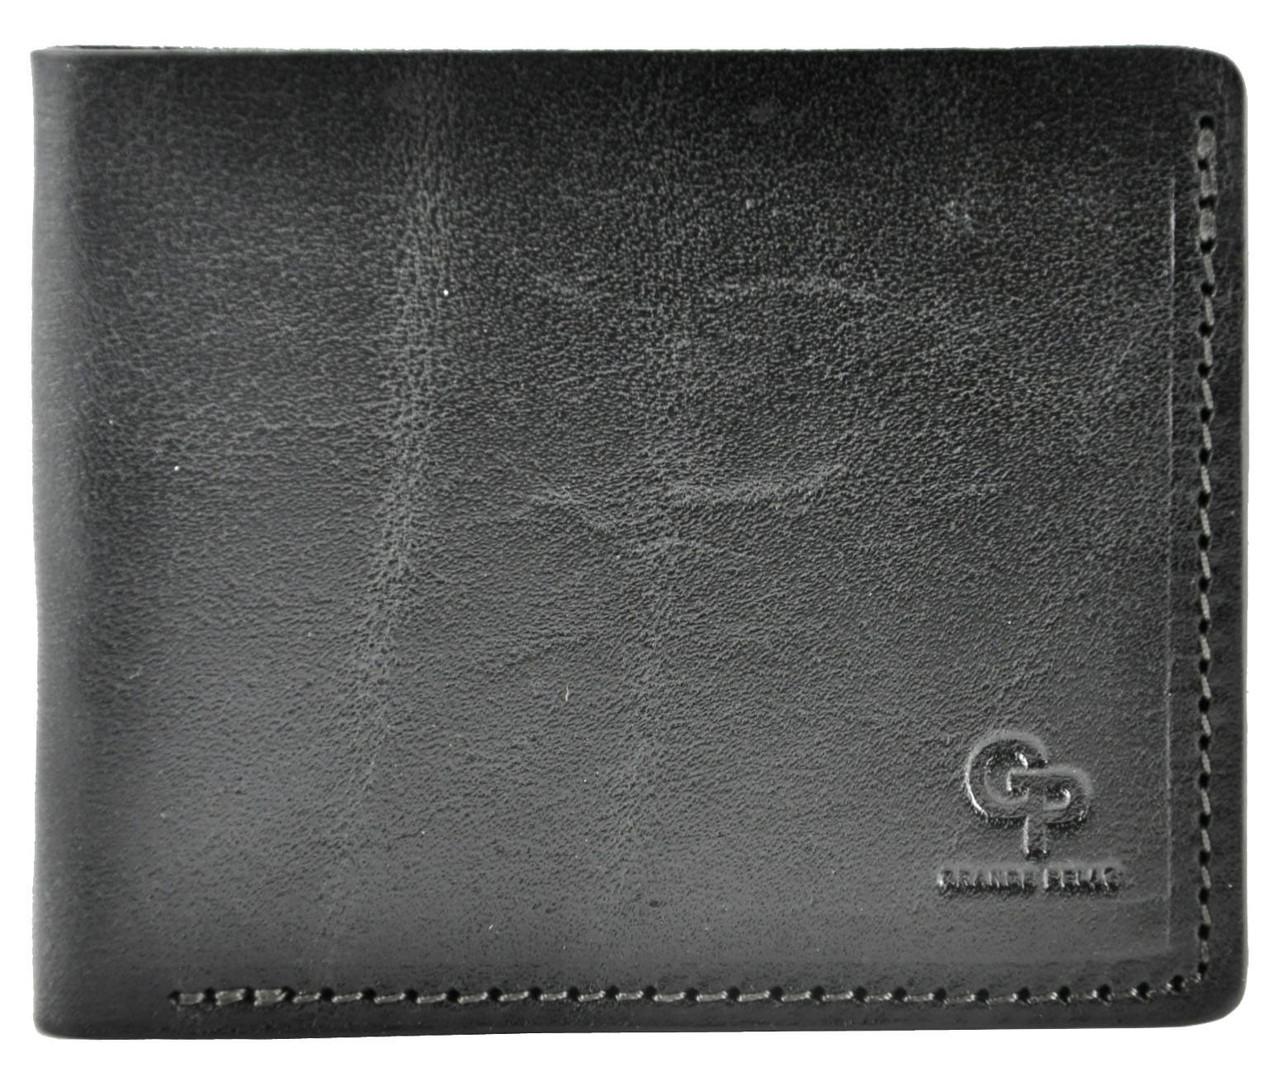 Мужской кошелек кожаный Grande Pelle на магните черный